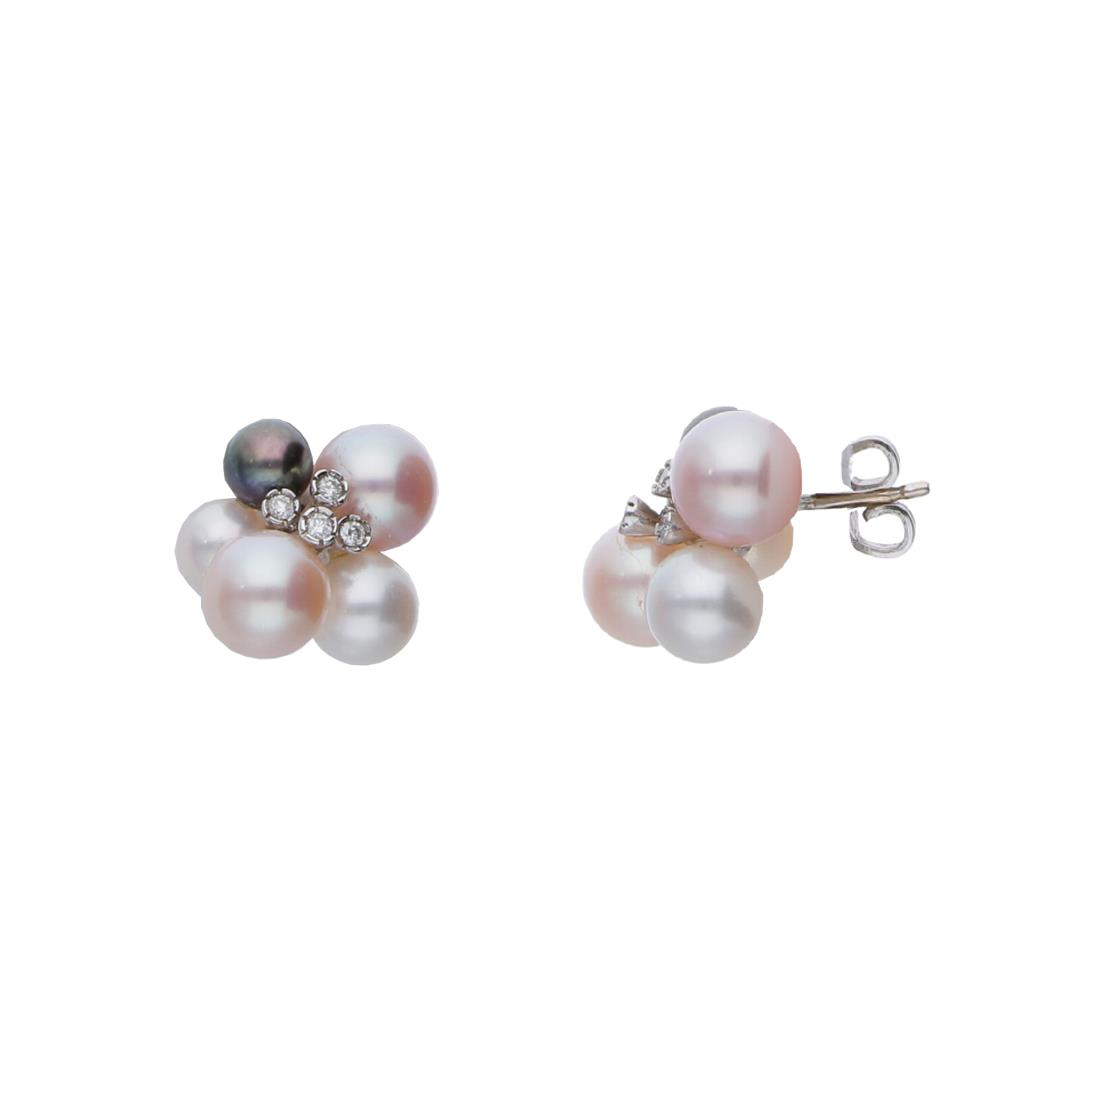 Orecchini design con perle - ALFIERI & ST. JOHN